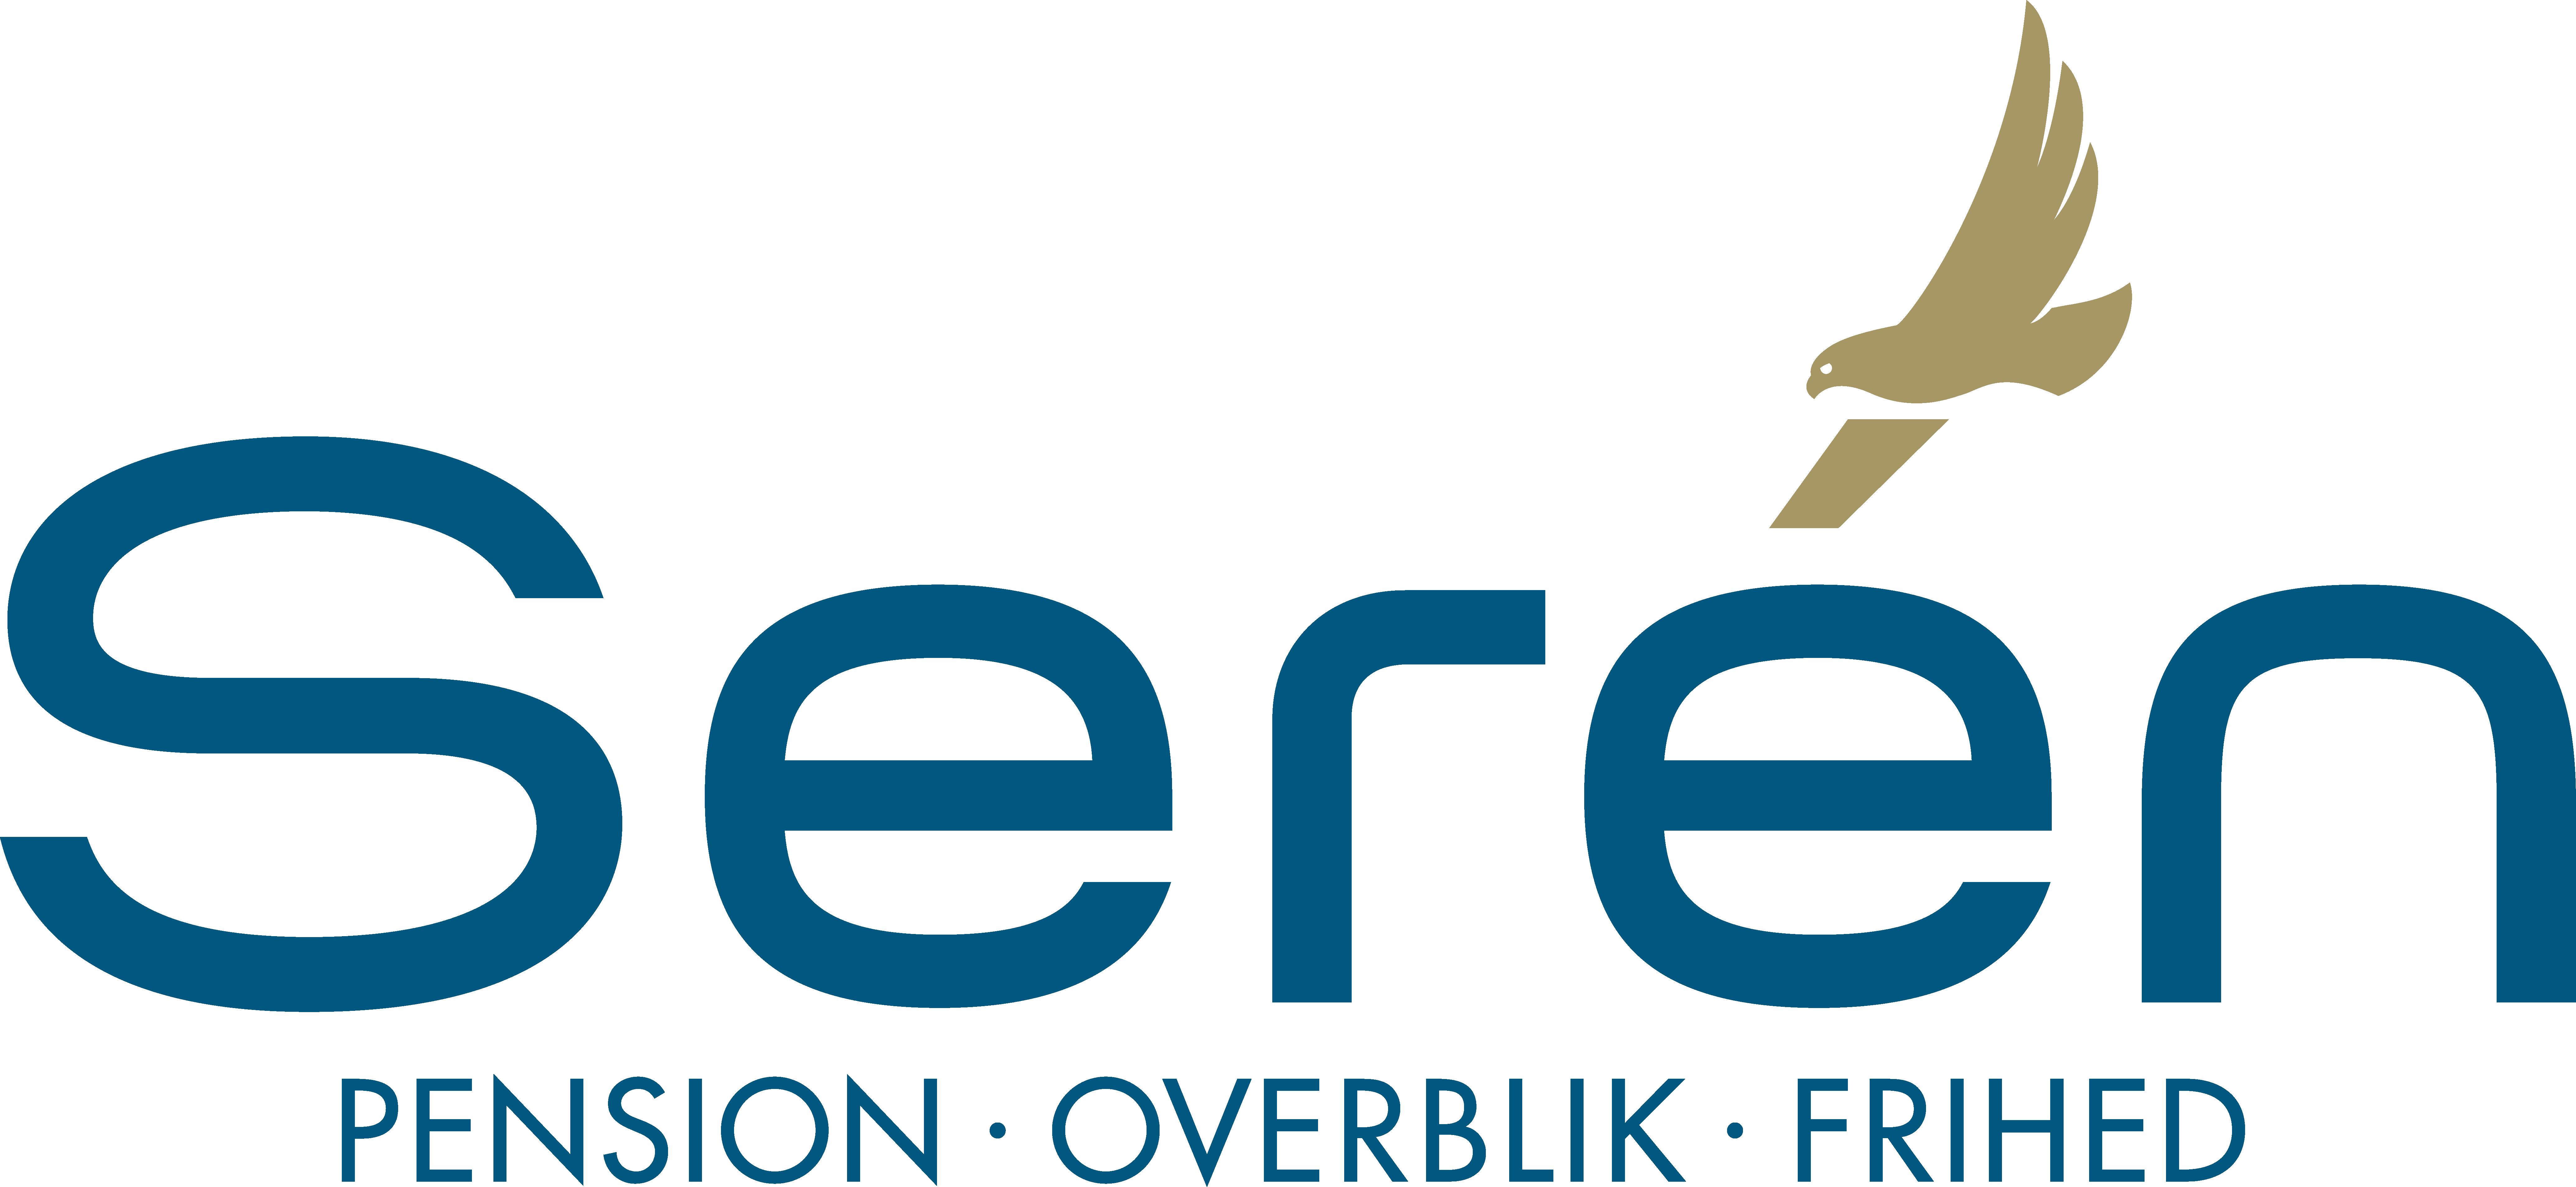 seren_logo_payoff-1